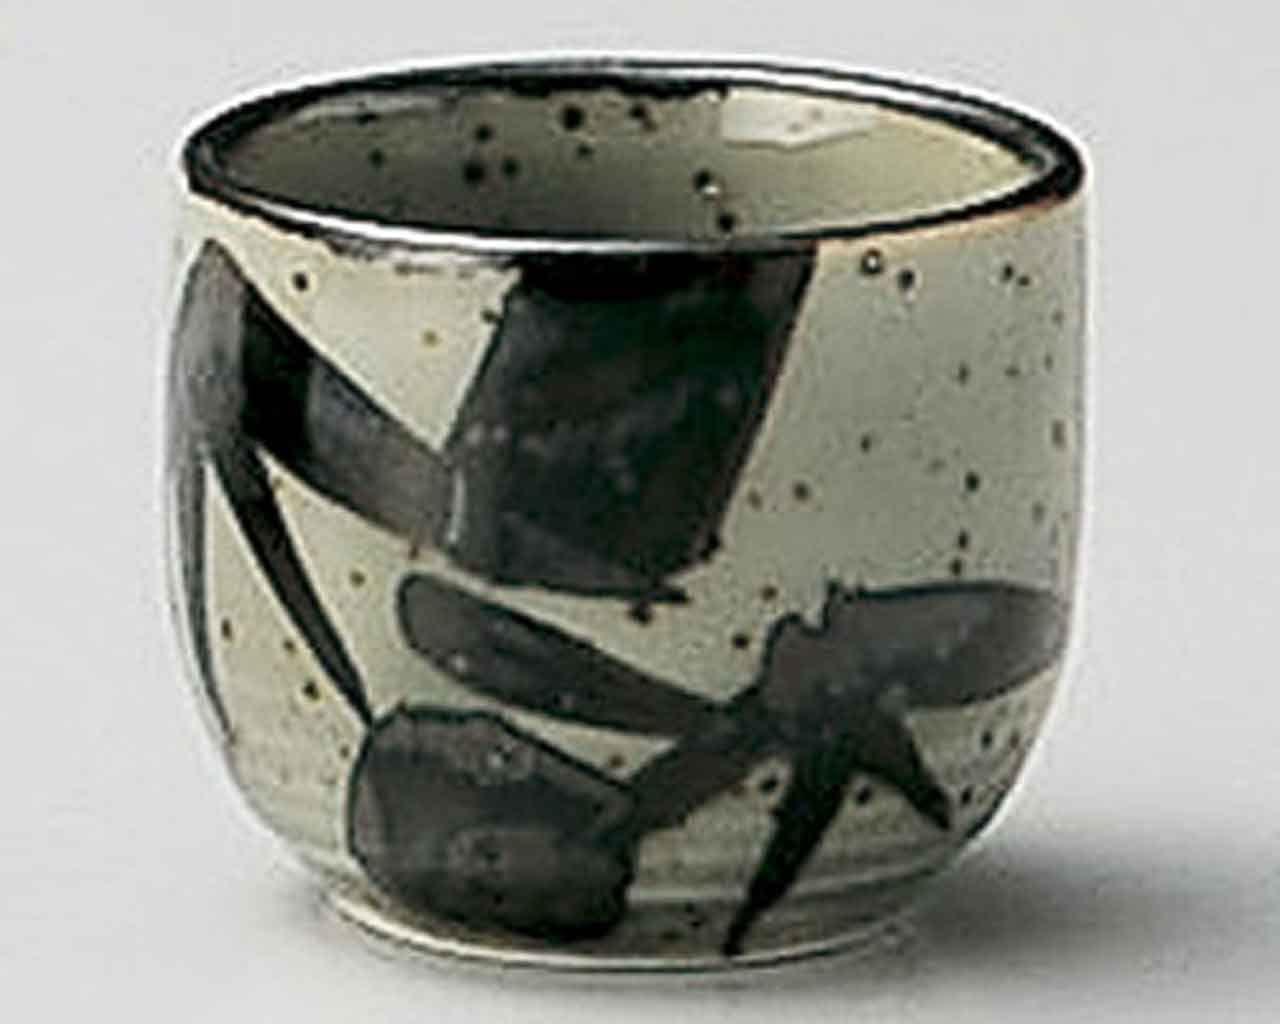 Mashiko Bamboo Leaf 2inch Sake Cup Grey porcelain Made in Japan